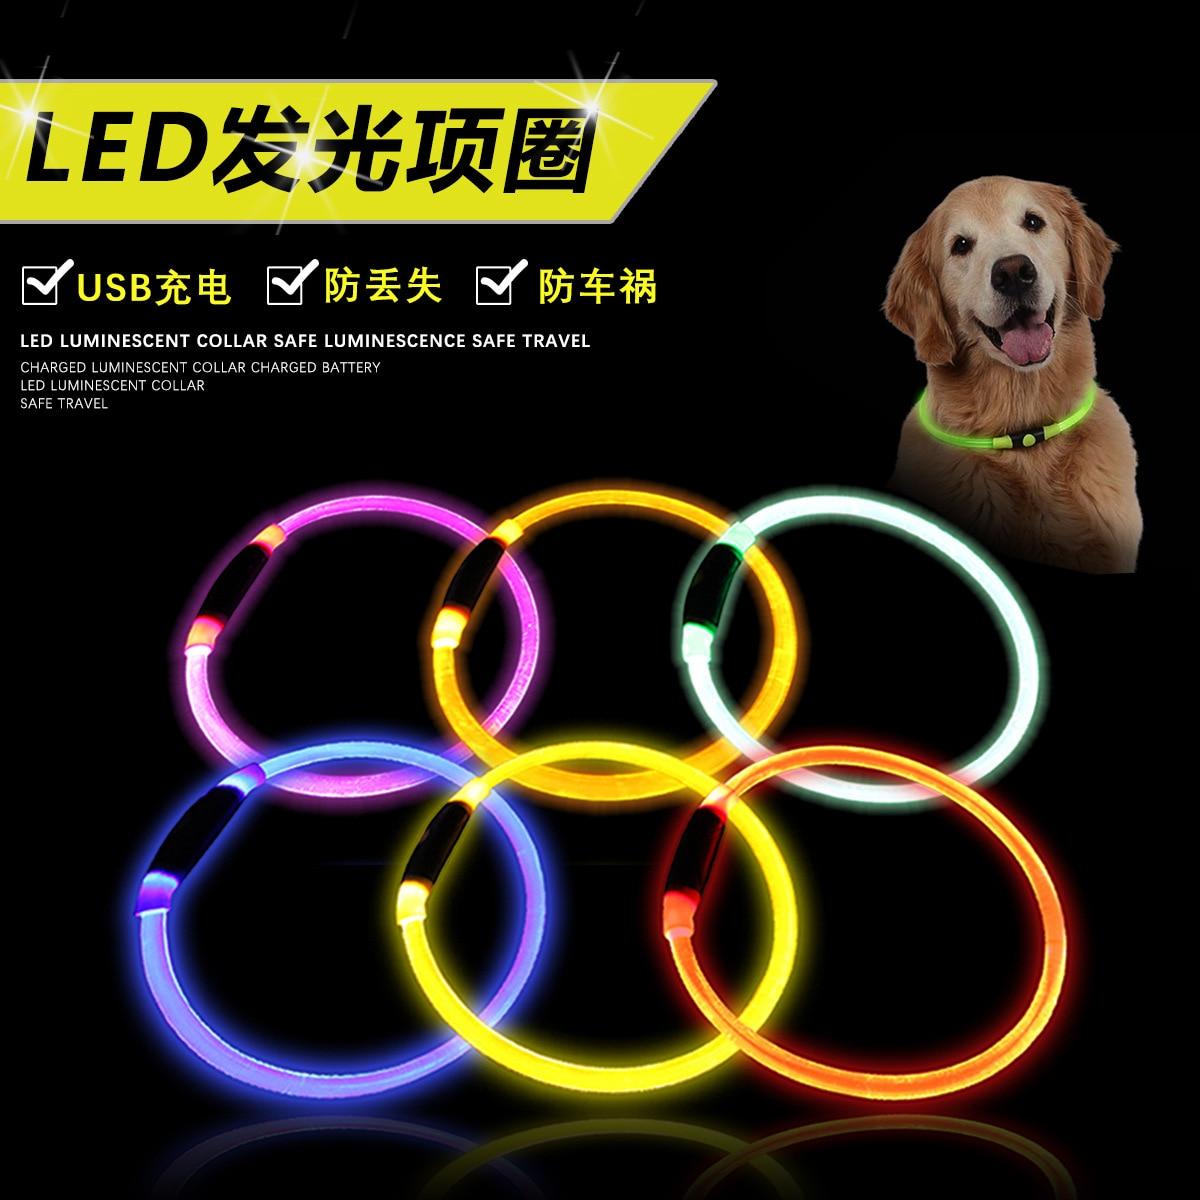 Quintana Luminous Collar Tou Ming Pu Pet Dog Collar Brightness Good Overall Shining Effect Items